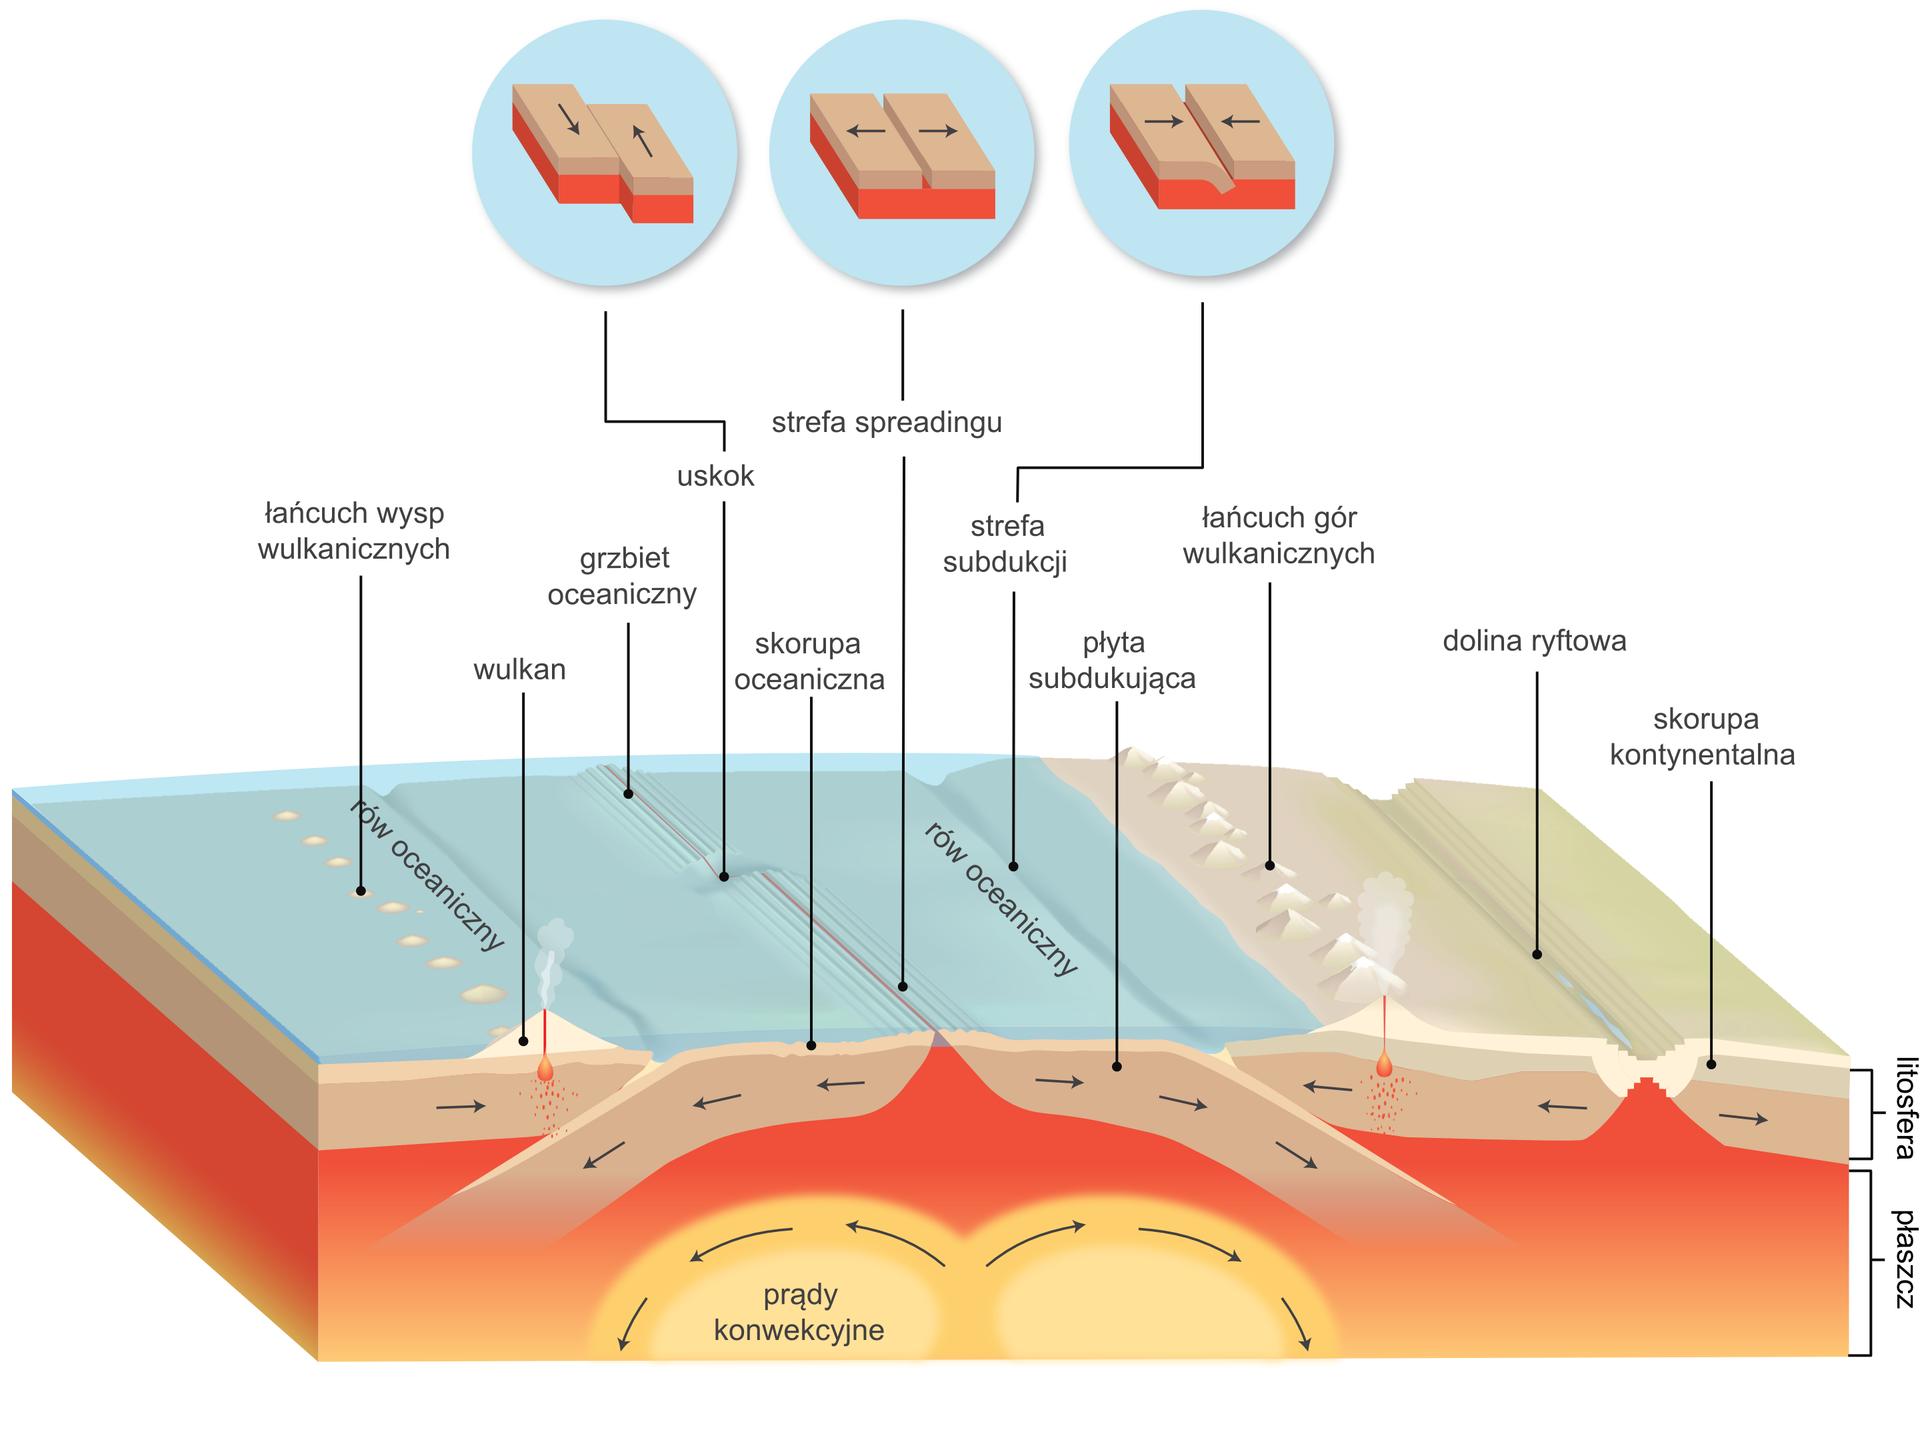 Przekrój przez litosferę ipłaszcz Ziemi. Prostopadłościan. Warstwa spodnia wkolorze czerwonym. Na środku zaznaczone kolorem żółtym owalne kształty. To prądy konwekcyjne. Nad warstwą czerwoną jest beżowa warstwa. To płyta subdukująca wwarstwie litosfery. Nie ma ona ciągłości. Na wysokości prądów konwekcyjnych jest wypiętrzona, ajej dolne części wchodzą wpłaszcz Ziemi. Warstwa wierzchnia to zlewej strony morze wkolorze niebieskim, azprawej ląd wkolorze zielonym. Na morzu zaznaczone rowy igrzbiety oceaniczne. Na lądzie zaznaczone łańcuchy górskie idoliny ryftowe. Powyżej całego przekroju wniebieskich kółkach umieszczono przykłady możliwych ruchów na granicach płyt litosfery. Zlewej strony przesuwanie. Na środku rozsuwanie. Zprawej strony zsuwanie.